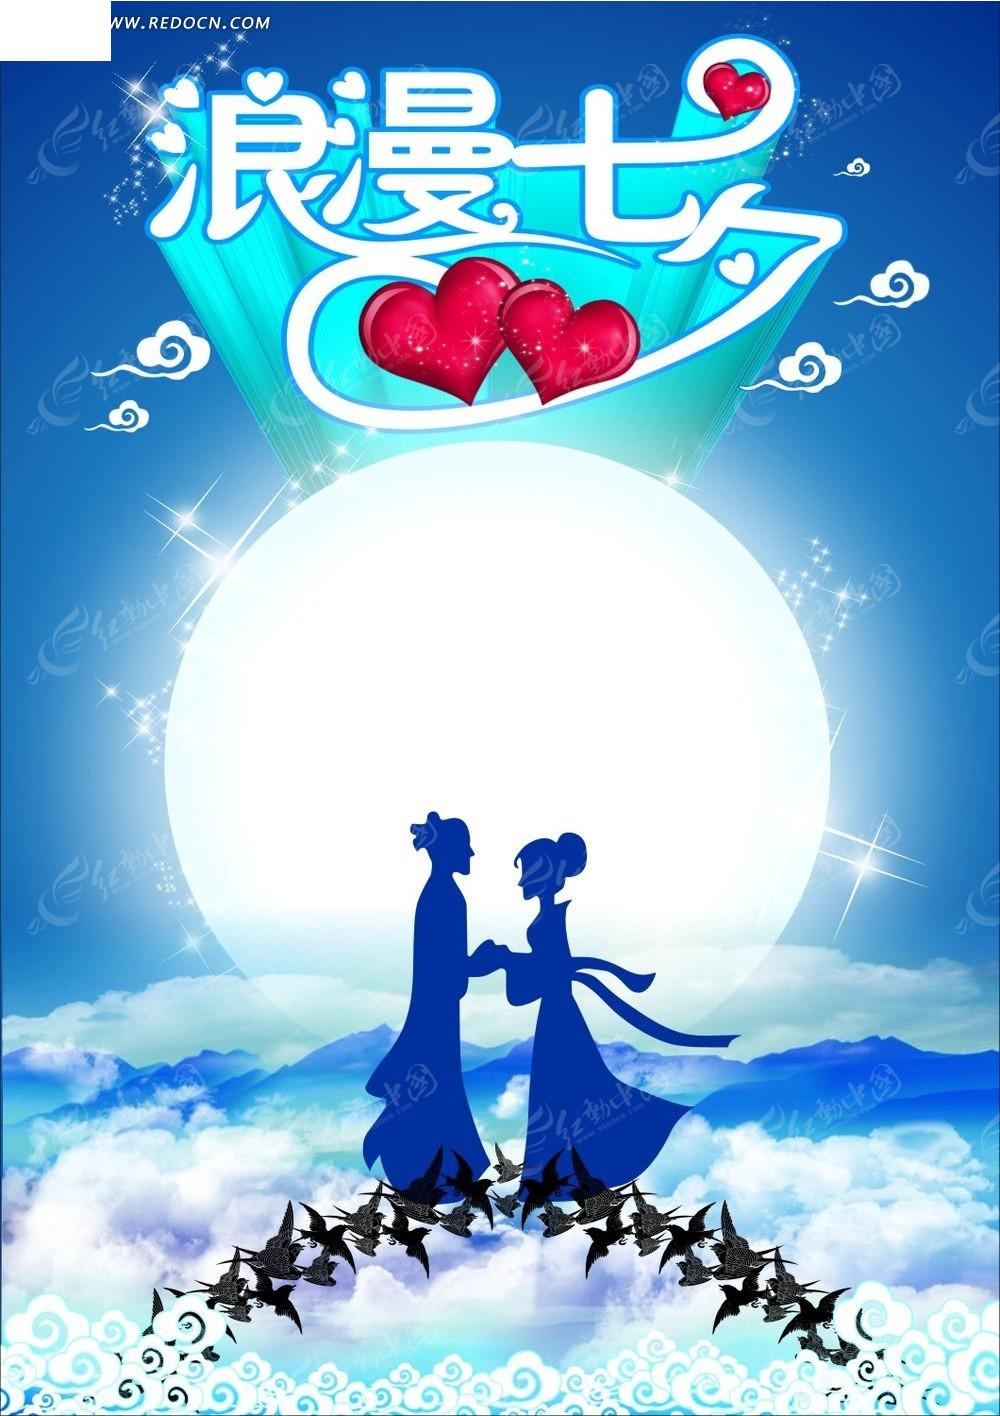 手绘卡通背景 cdr海报背景 牛郎织女剪影 月光 闪烁的光  唯美星空